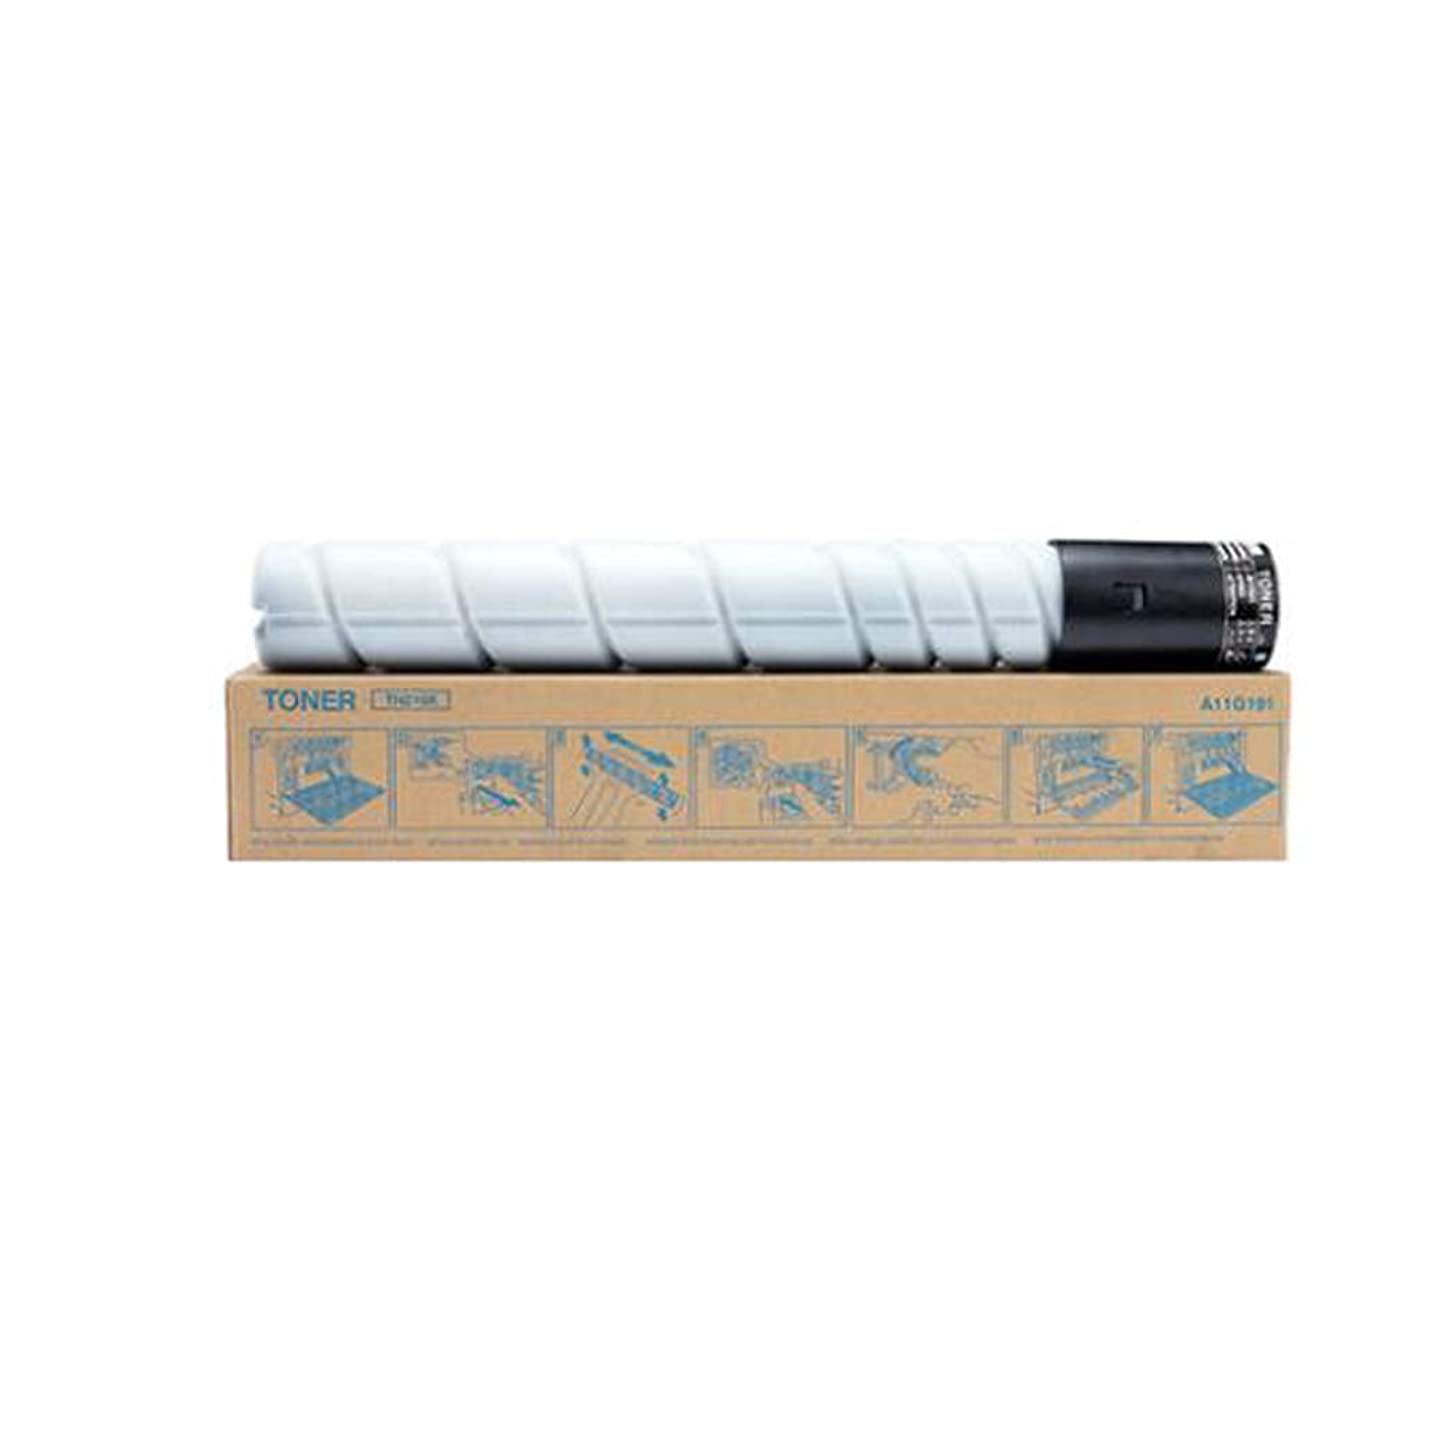 Compatible with KONICA MINOLTA TN324 Toner Cartridge for KONICA MINOLTA BIZHUB C258 C308 C368 Copier Cartridge,Black